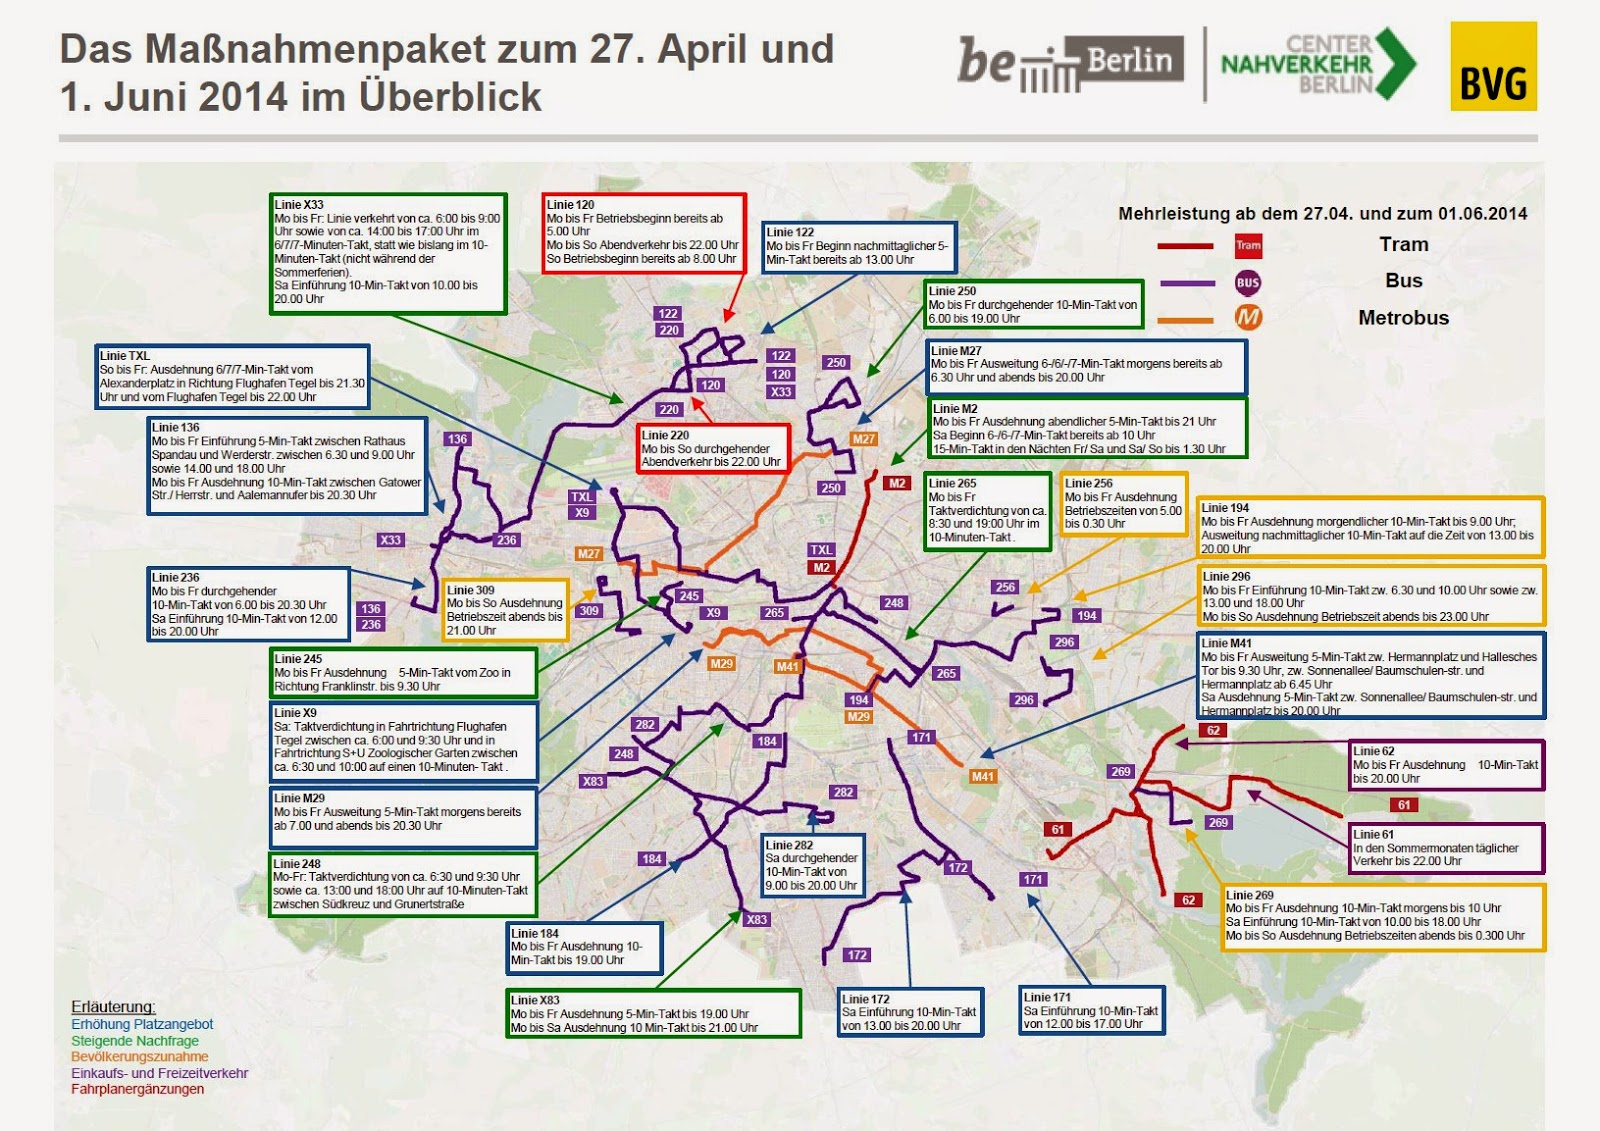 U-Bahn + Straßenbahn + Bus: Berlin wächst – das BVG-Angebot wächst mit, aus BVG